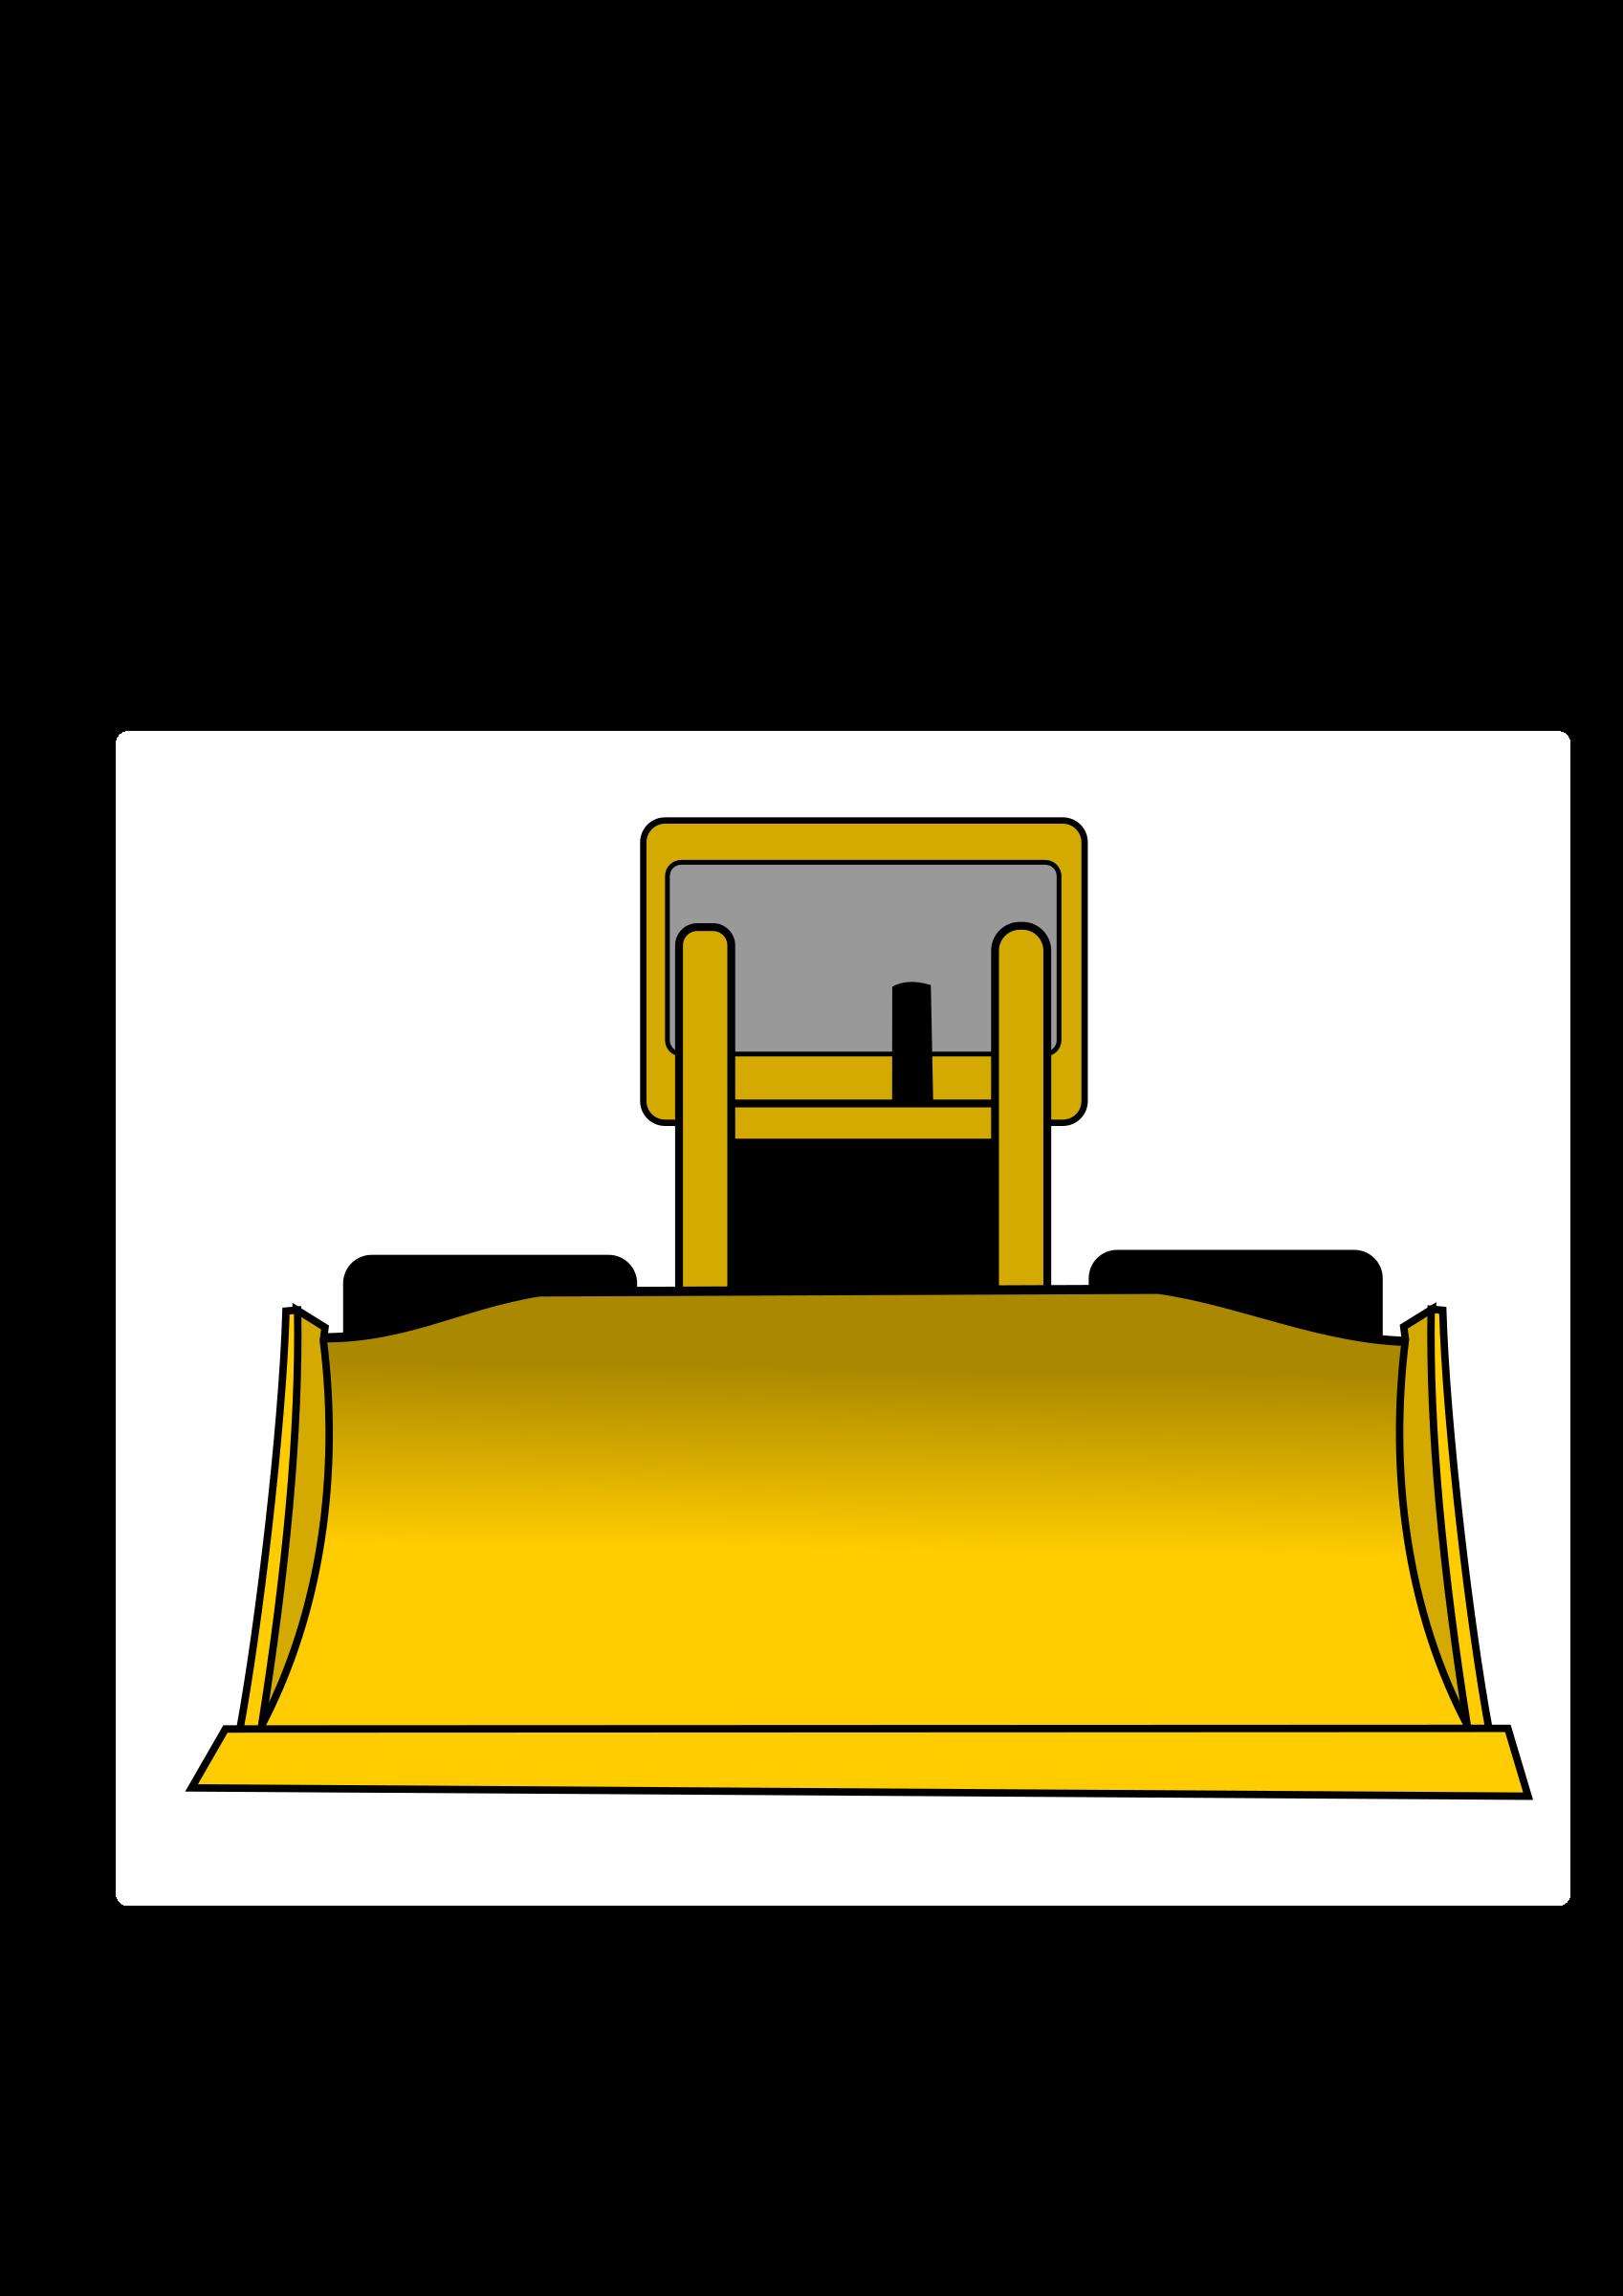 Excavator clipart loader. Big image png